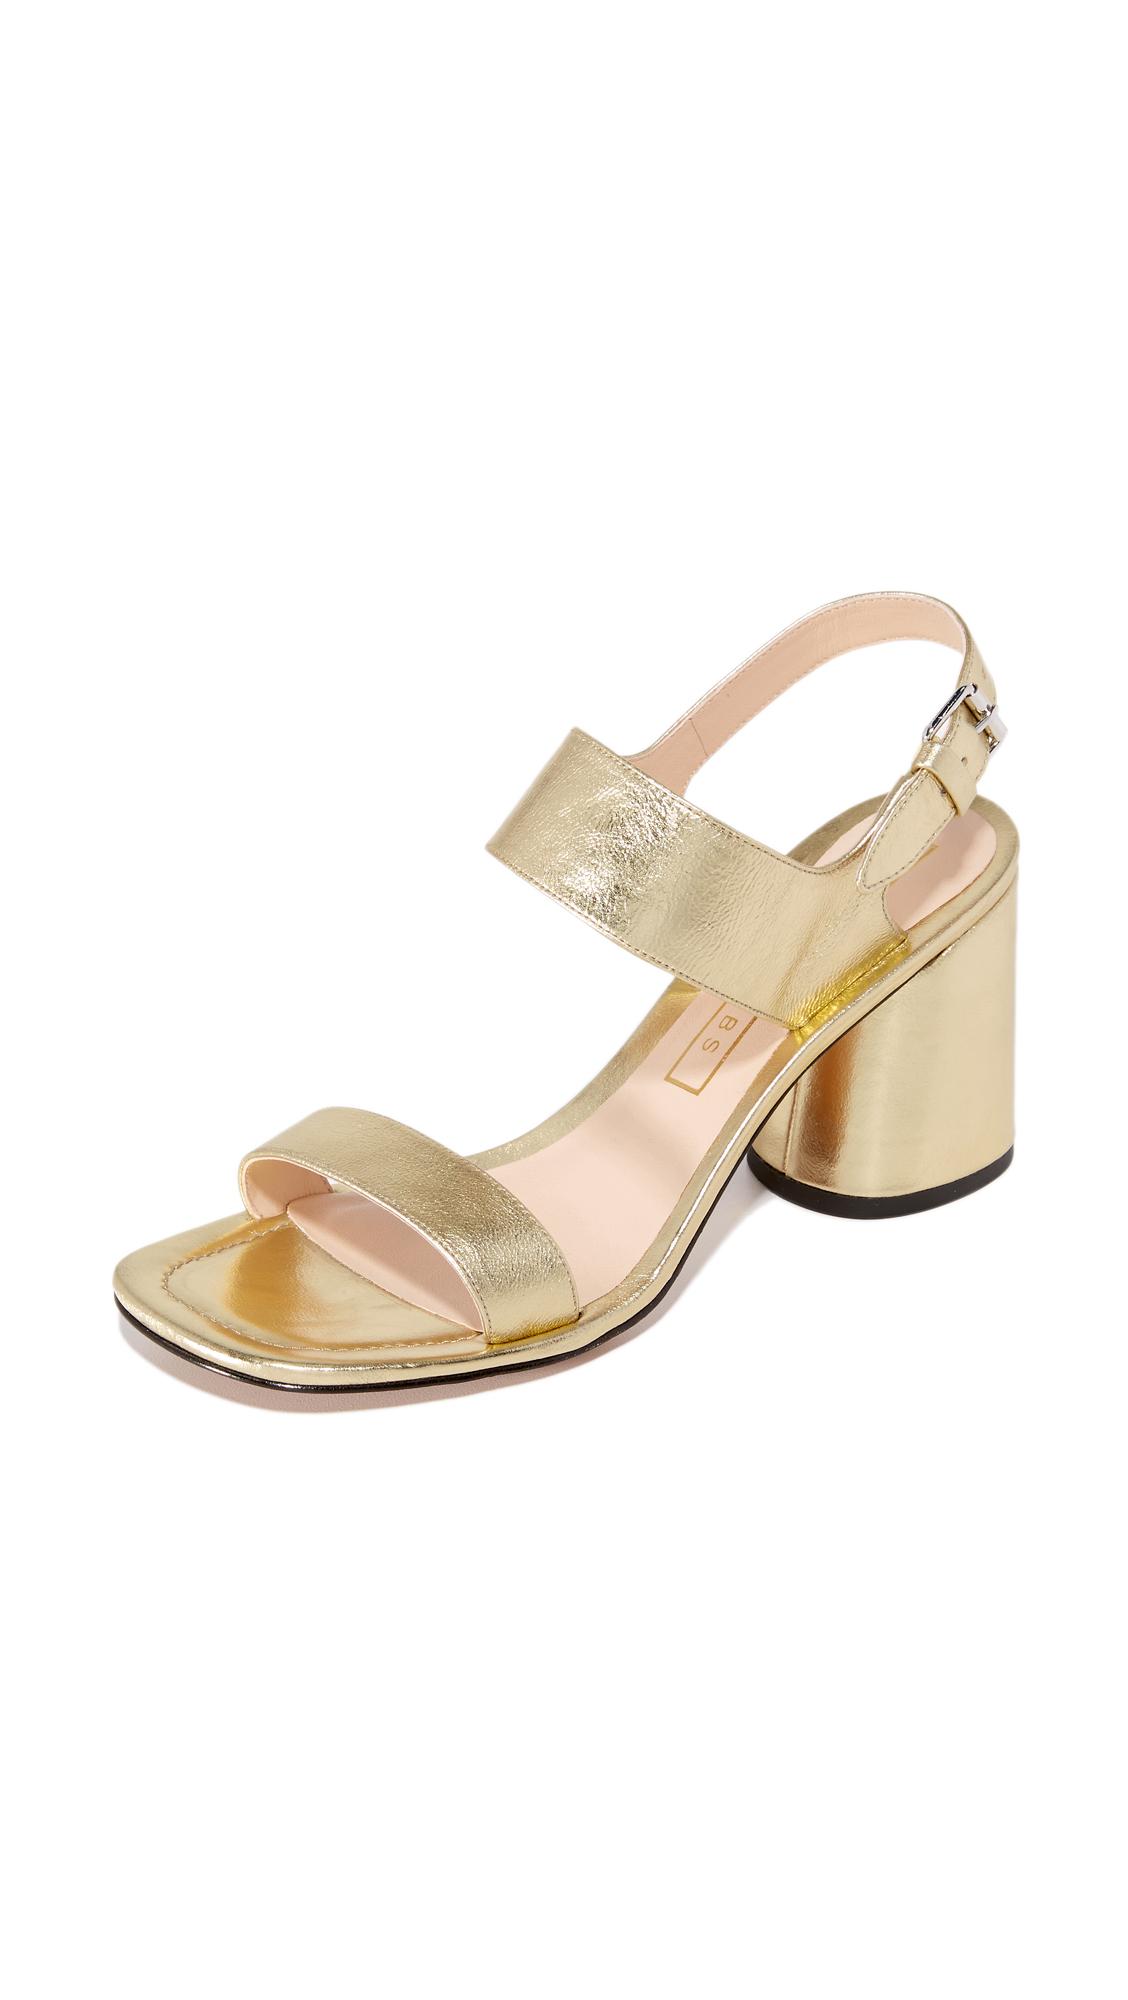 marc jacobs female marc jacobs emilie strap sandals gold